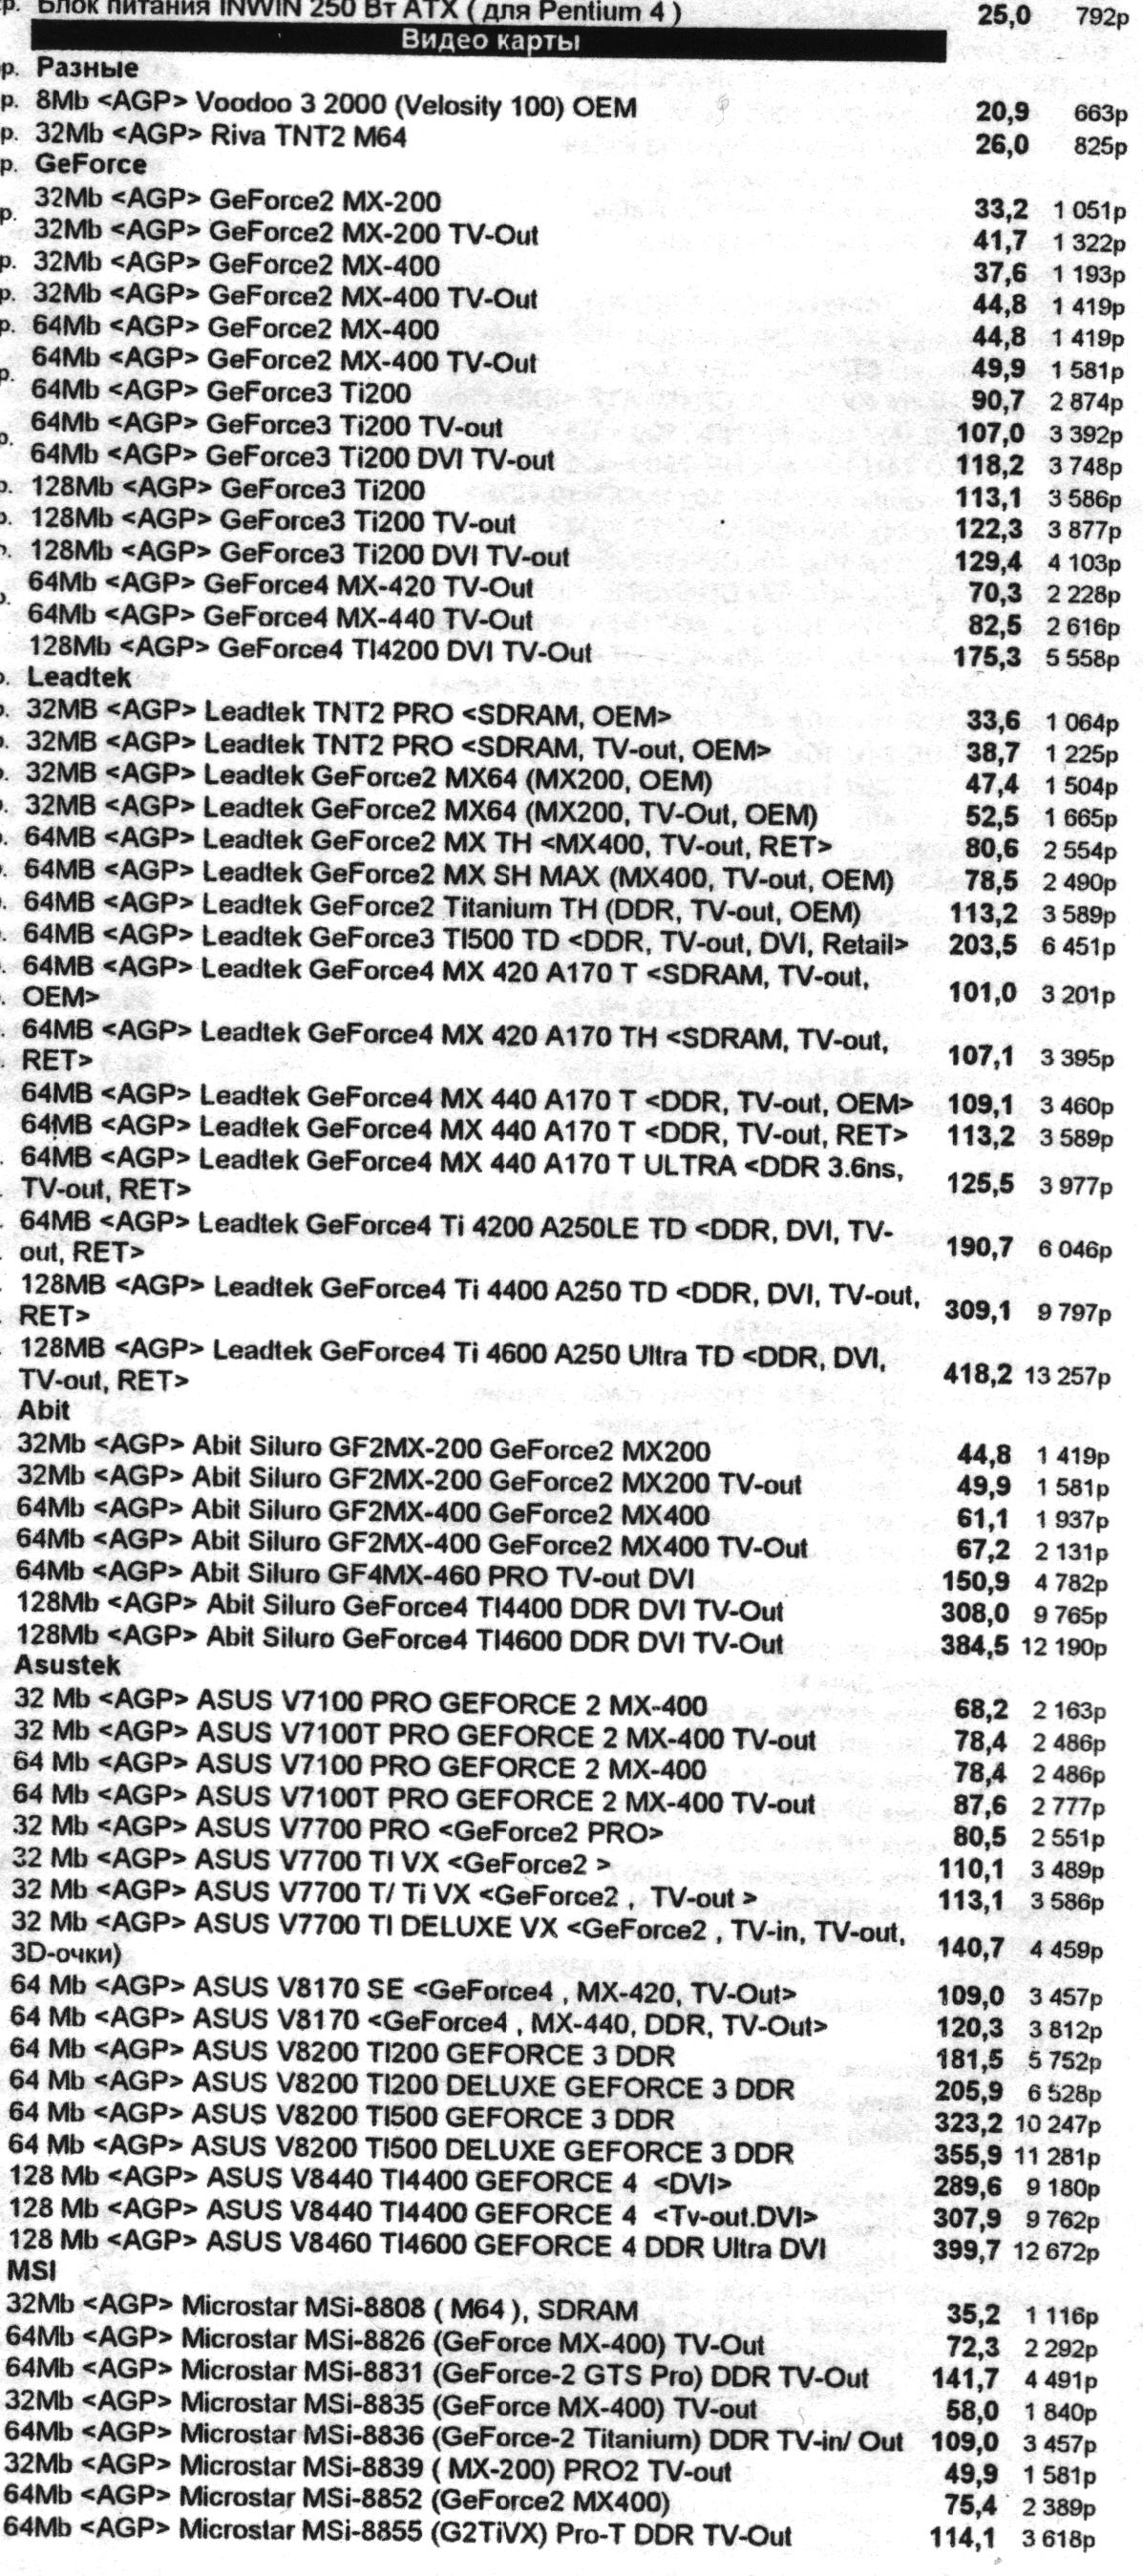 Минутка ностальгии: цены на компьютеры и комплектующие от 2002 года - 27